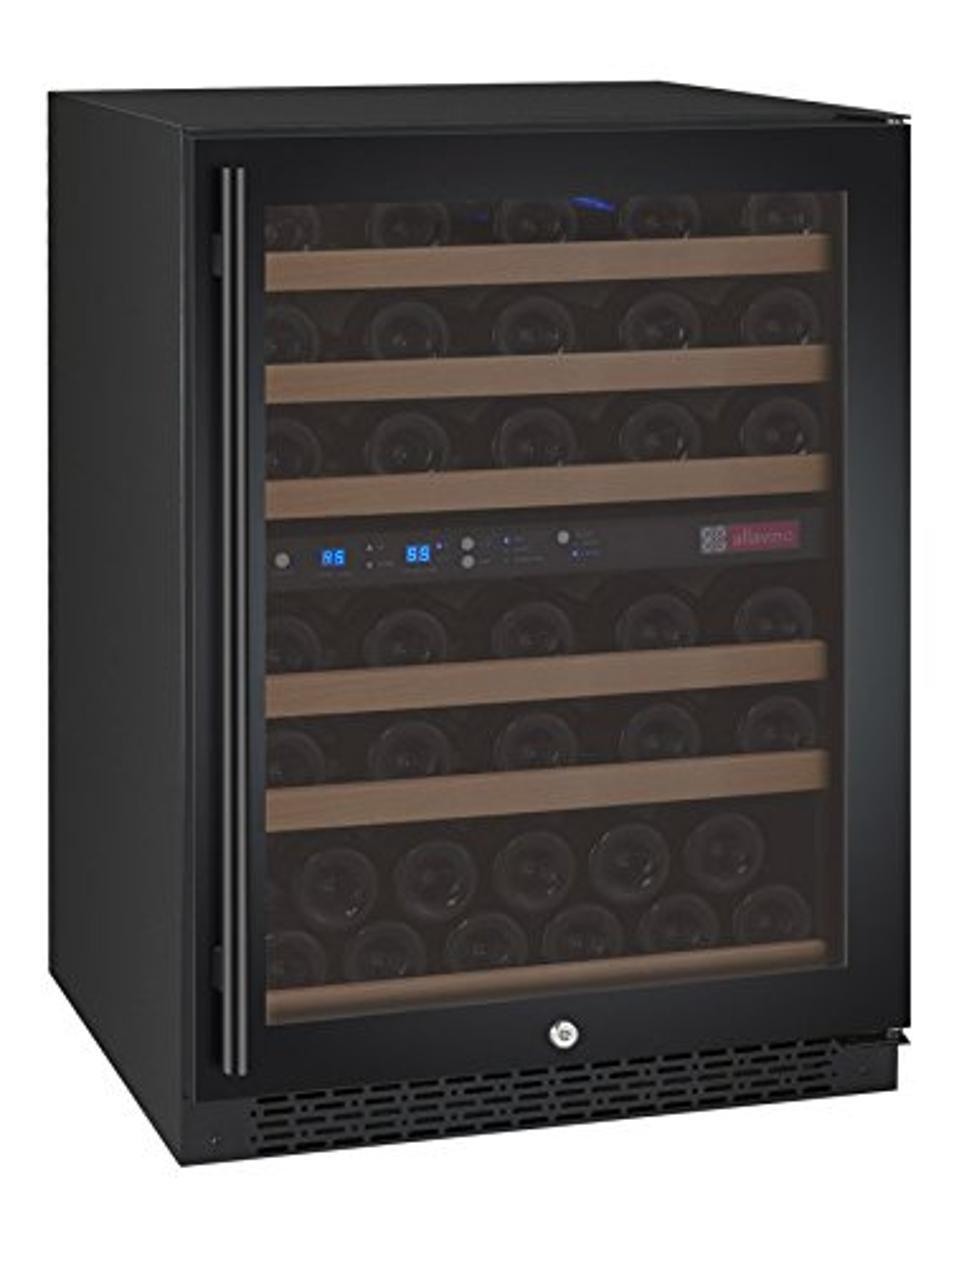 Allavino FlexCount Dual Zone Wine Refrigerator